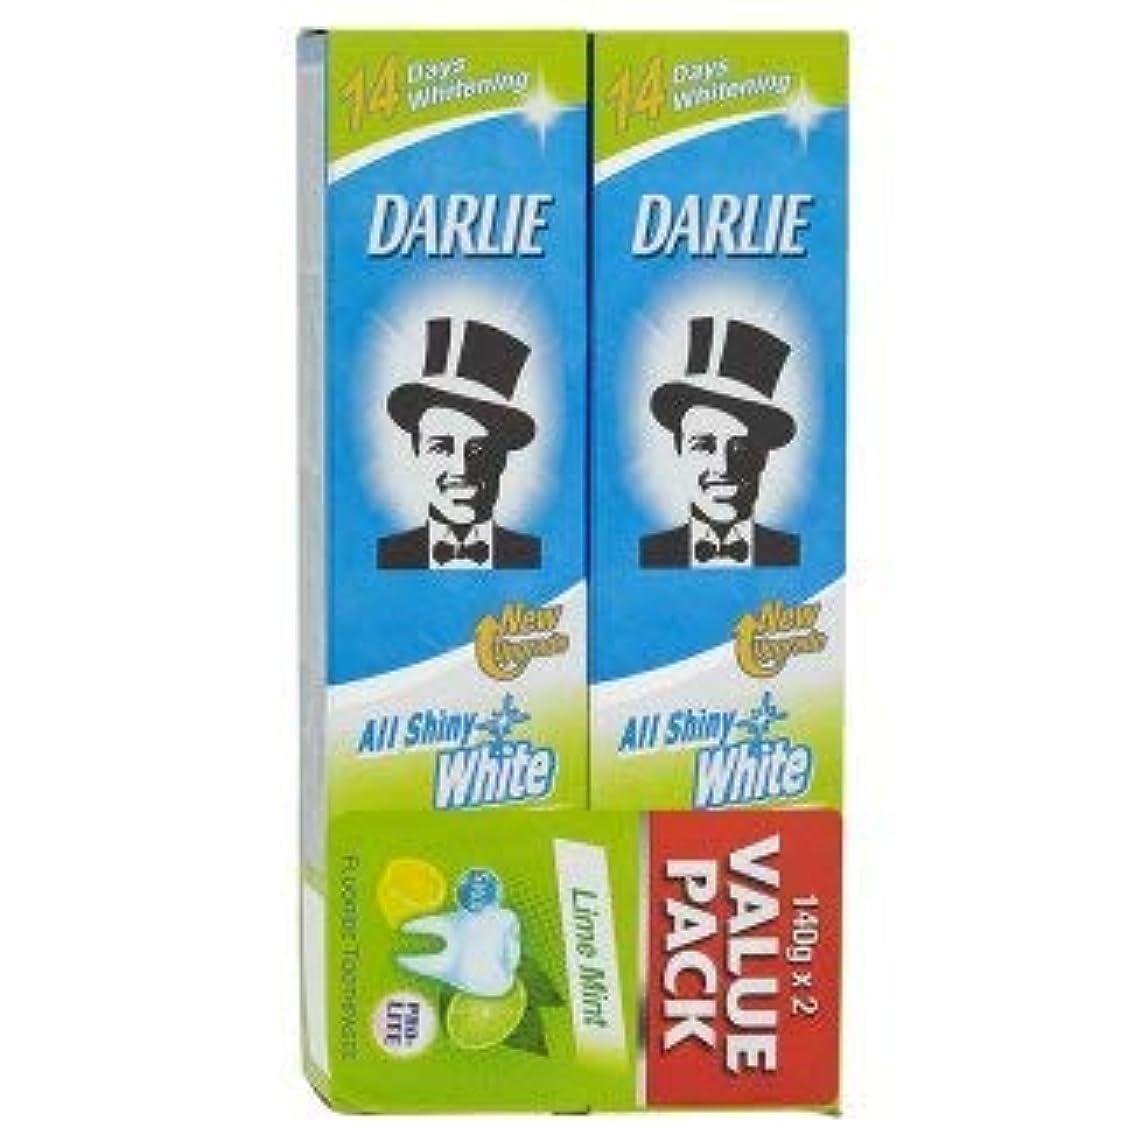 護衛穏やかな非武装化DARLIE 2つの電力可溶性汚れや緩やかな歯のホワイトニングを提供する新しいデュアルホワイトニングシステム - 全光沢のある白ライムミント140グラム値パックX2を歯磨き粉